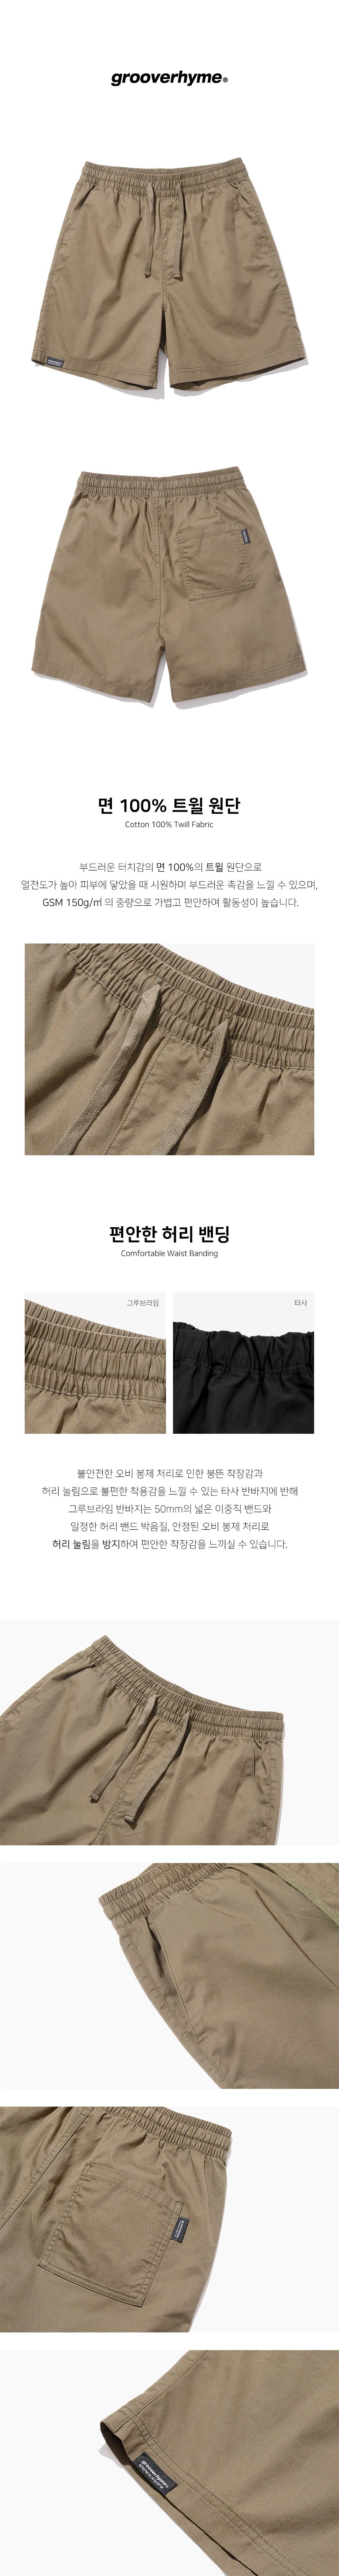 그루브라임(GROOVE RHYME) BASIC HALF PANTS (BEIGE) [LRPMCPH701MBEA]